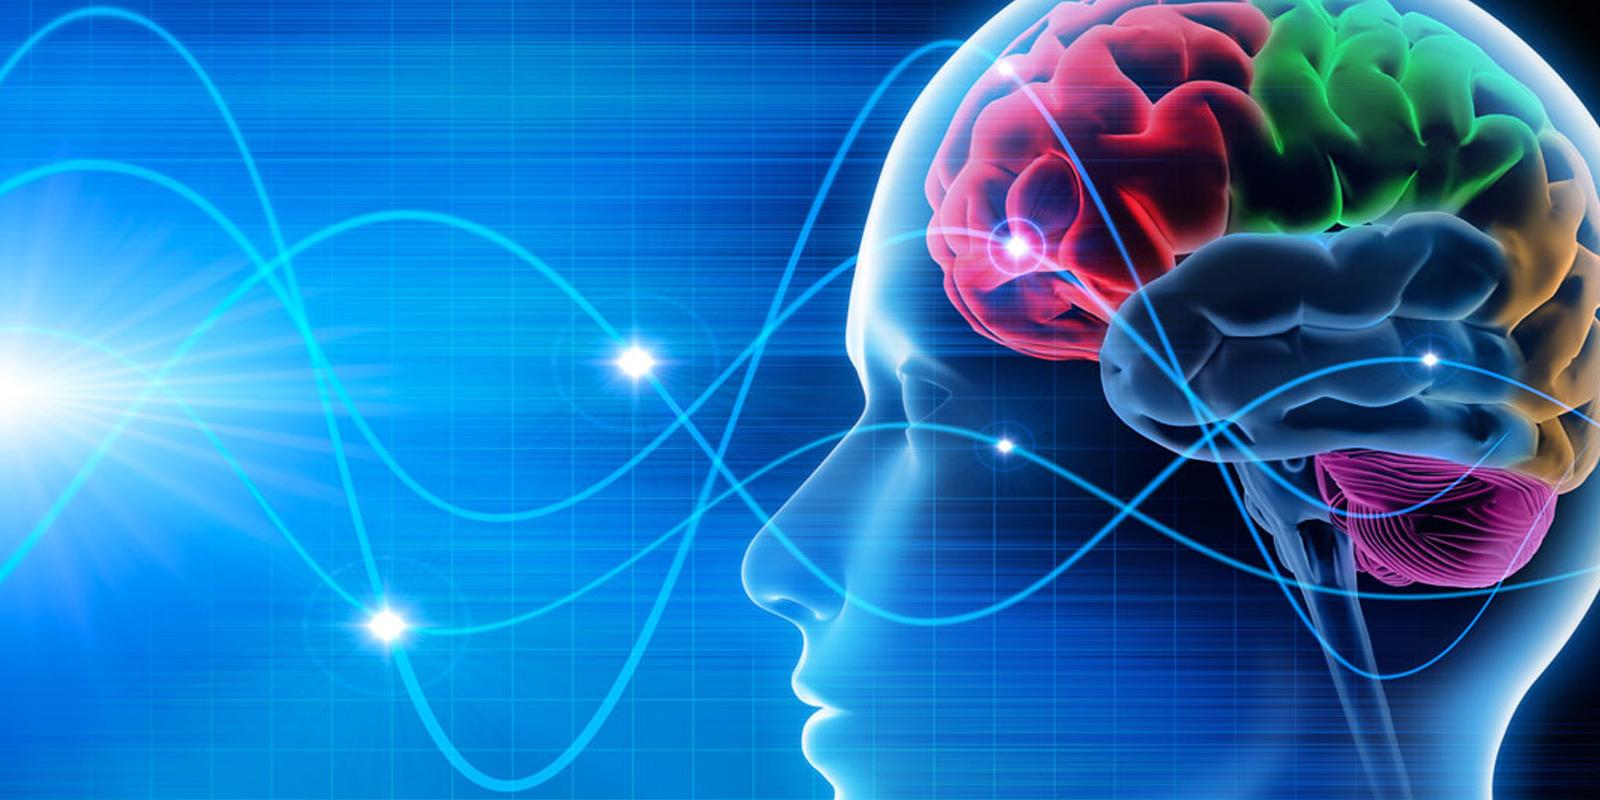 آیا شما هم دوست دارید قدرت ذهنی بالایی داشته باشید؟